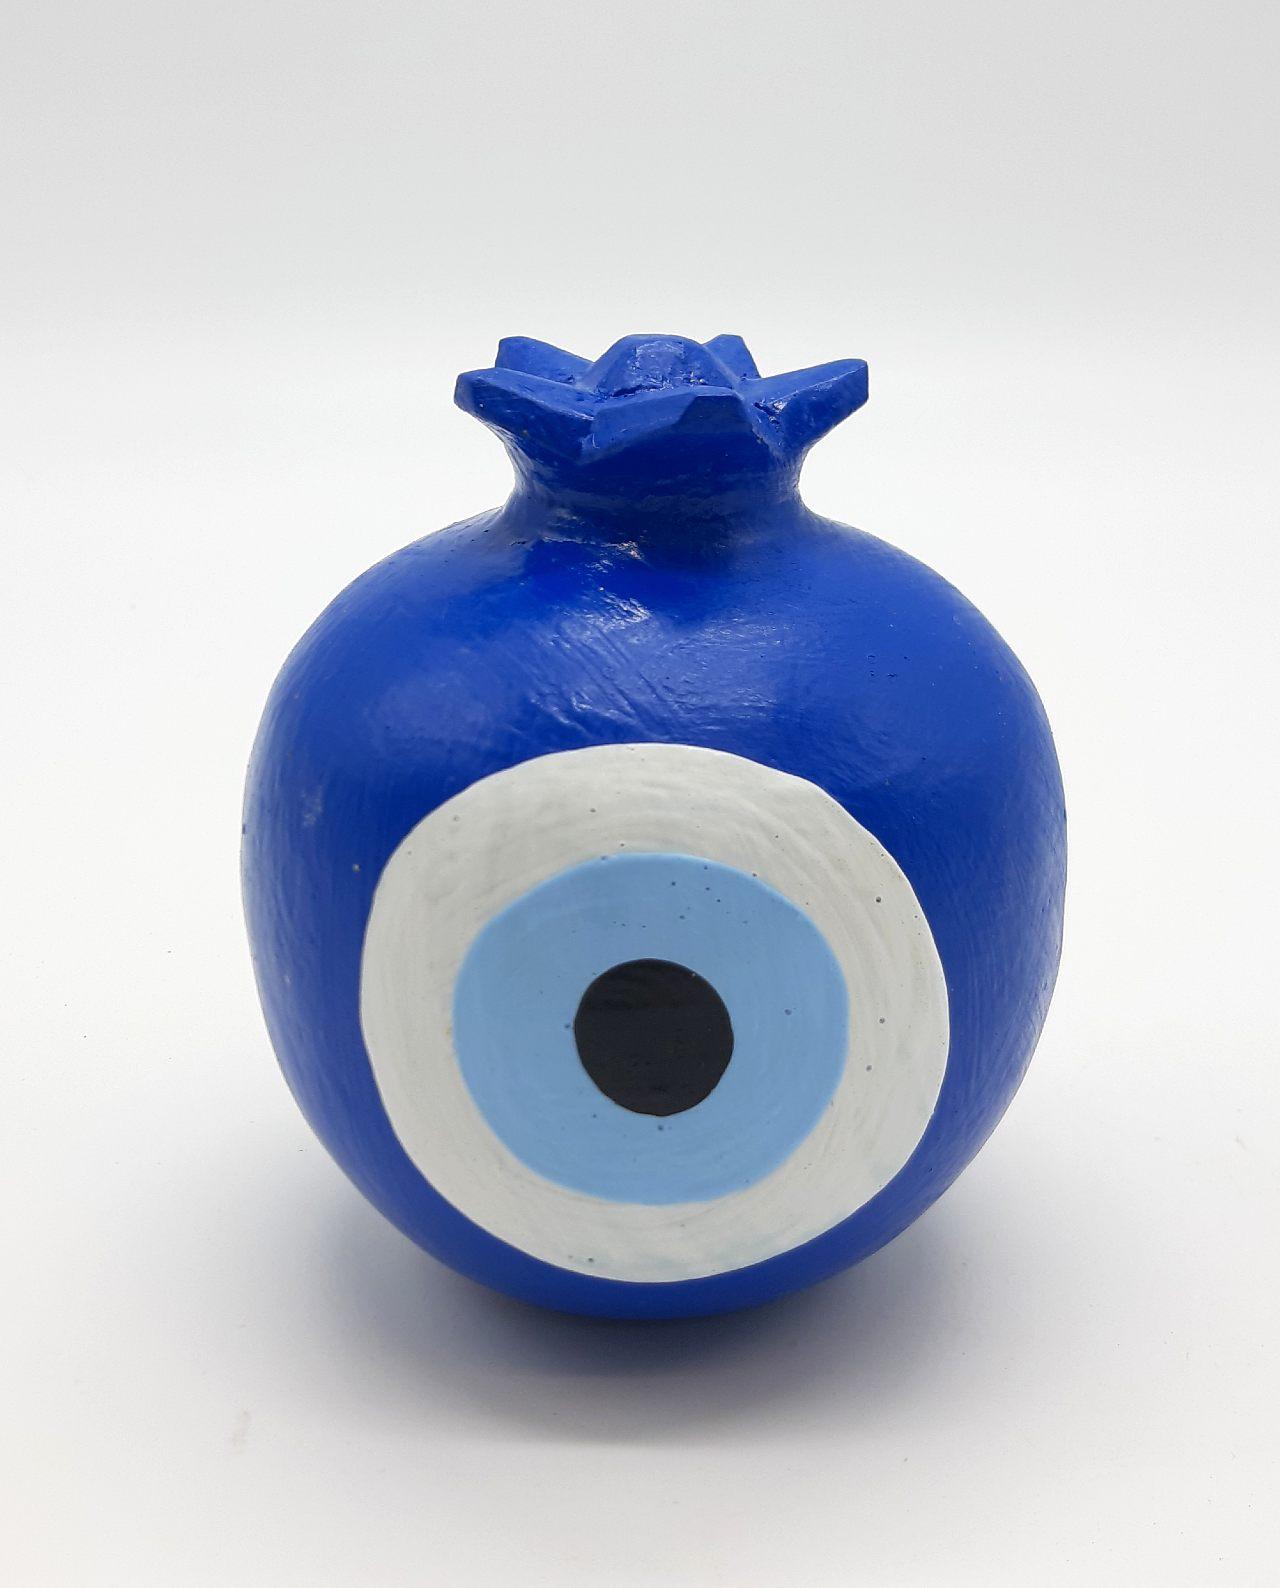 Ρόδι Ματάκι Στρογγυλό Ξύλινο Διαμέτρου 8.5 cm χρώμα μπλε